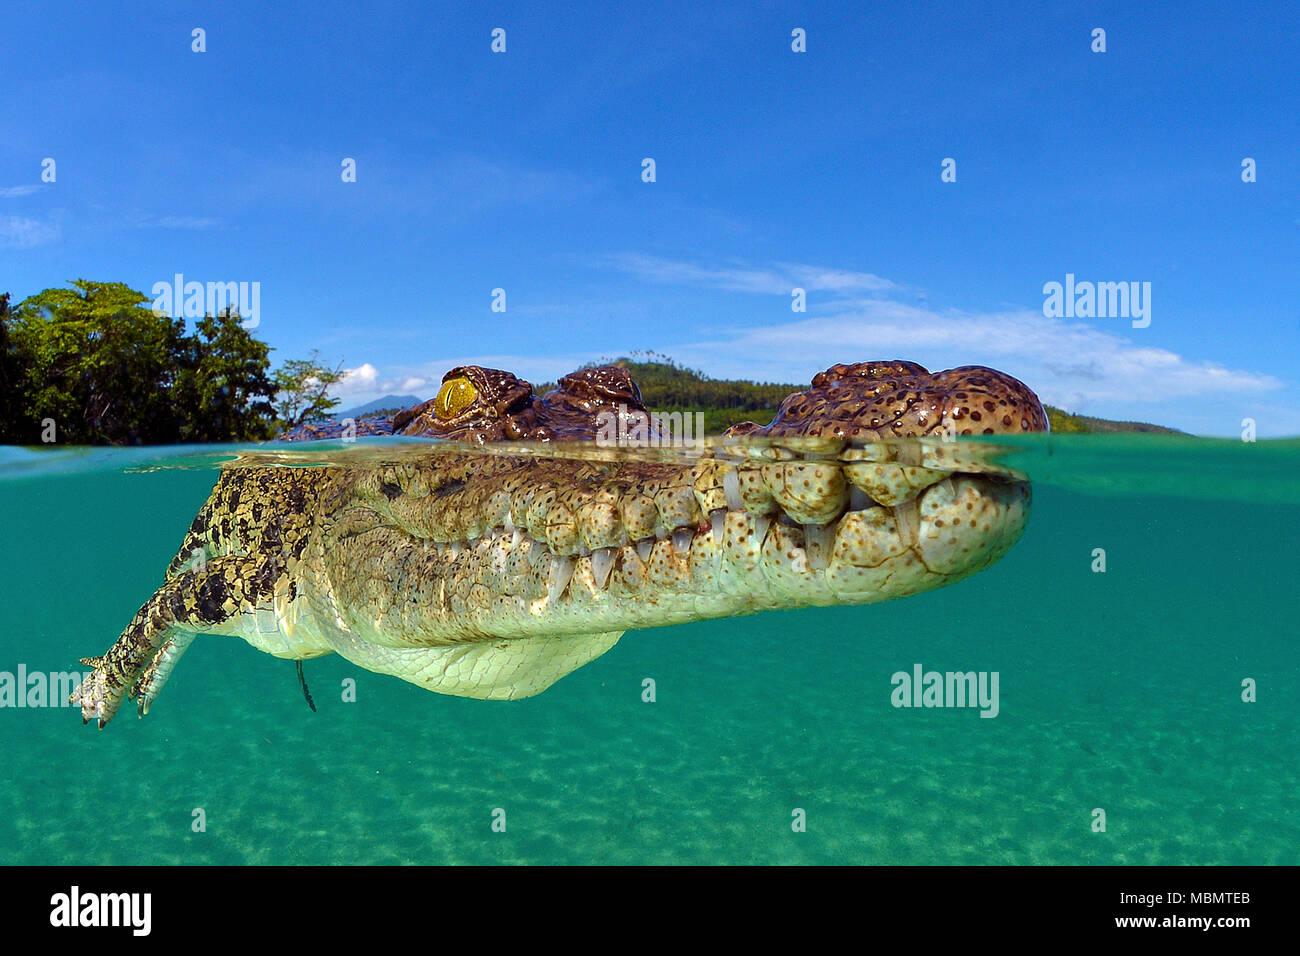 El cocodrilo de agua salada (Crocodylus porosus), el más grande de todos los reptiles vivos, splits, Kimbe Bay, West New Britain, Papua Nueva Guinea Foto de stock